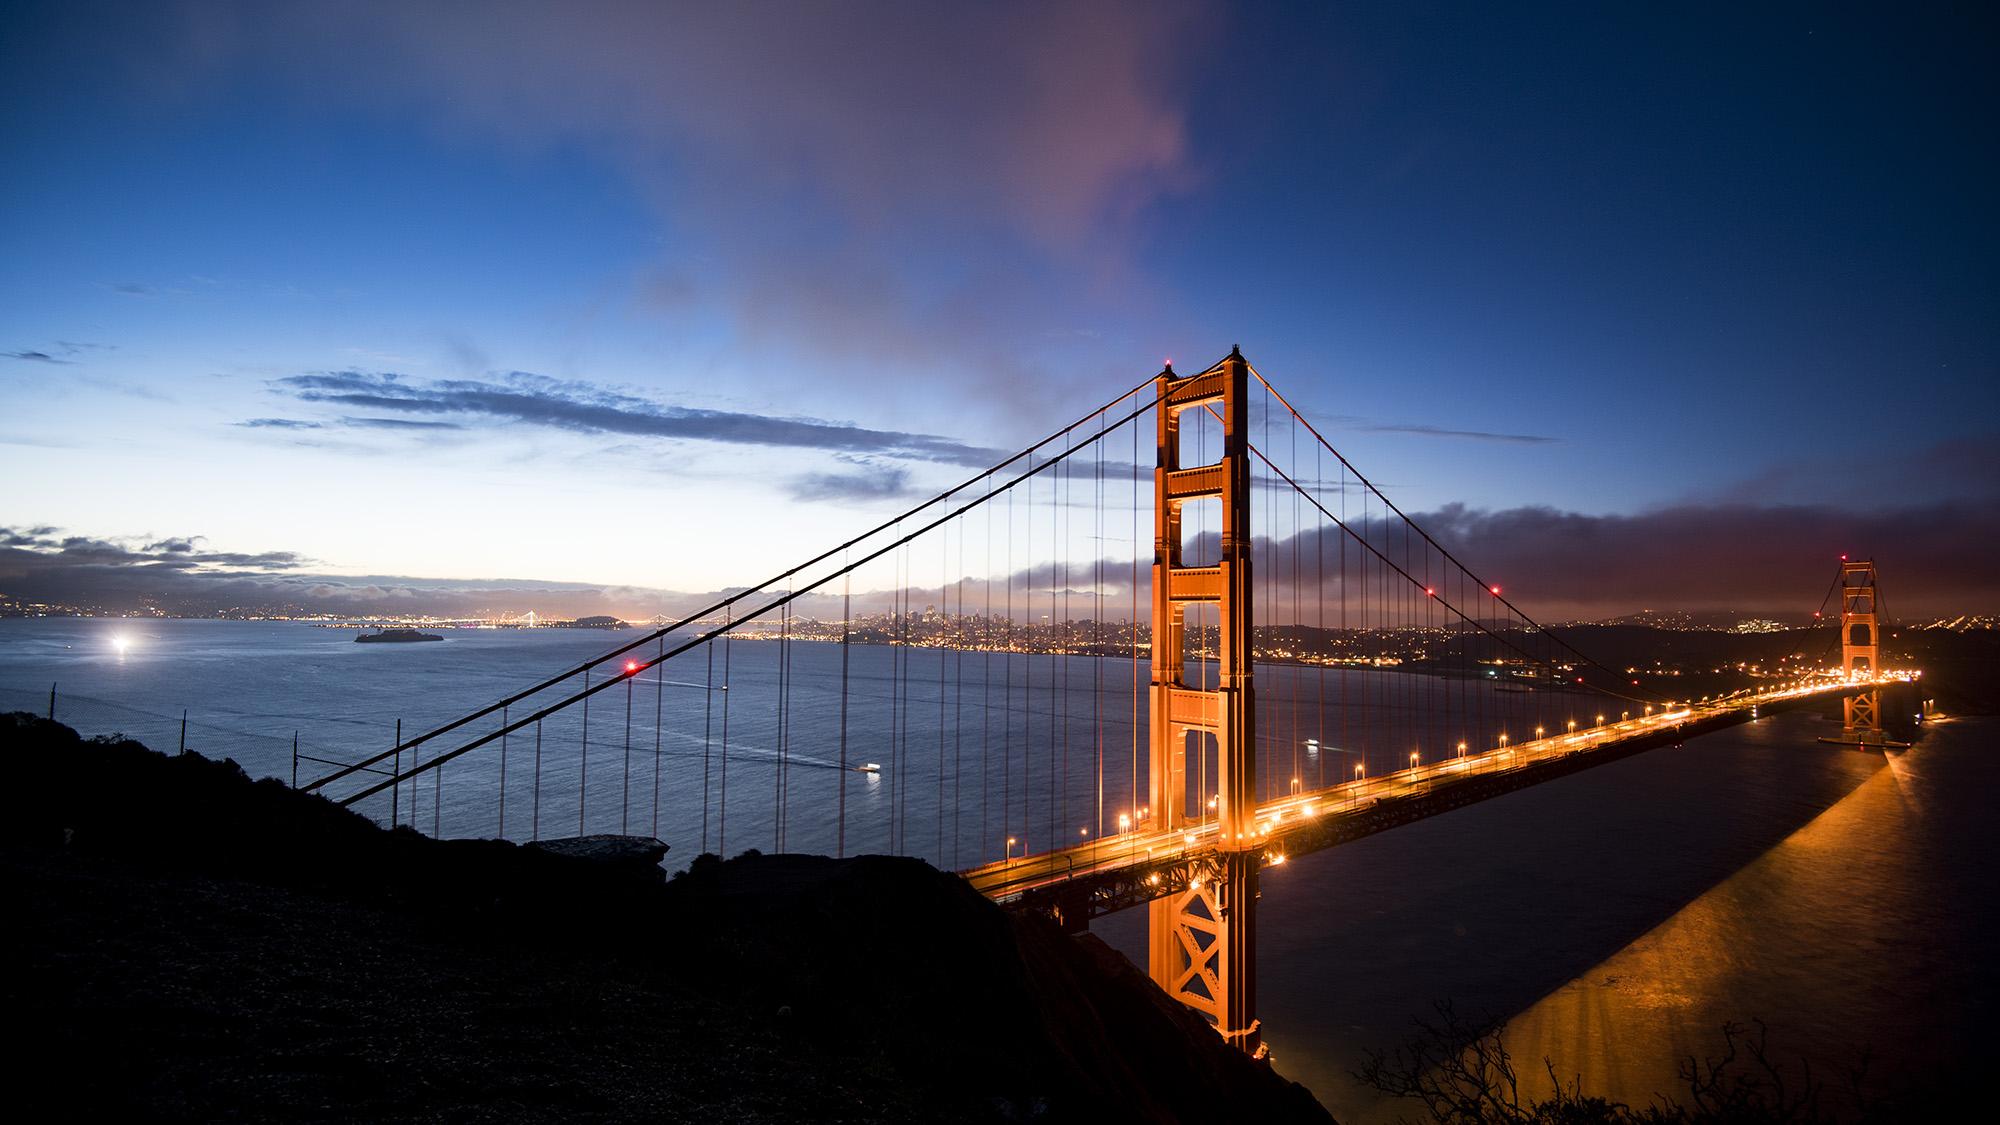 San Francisco by Zachary Rymland